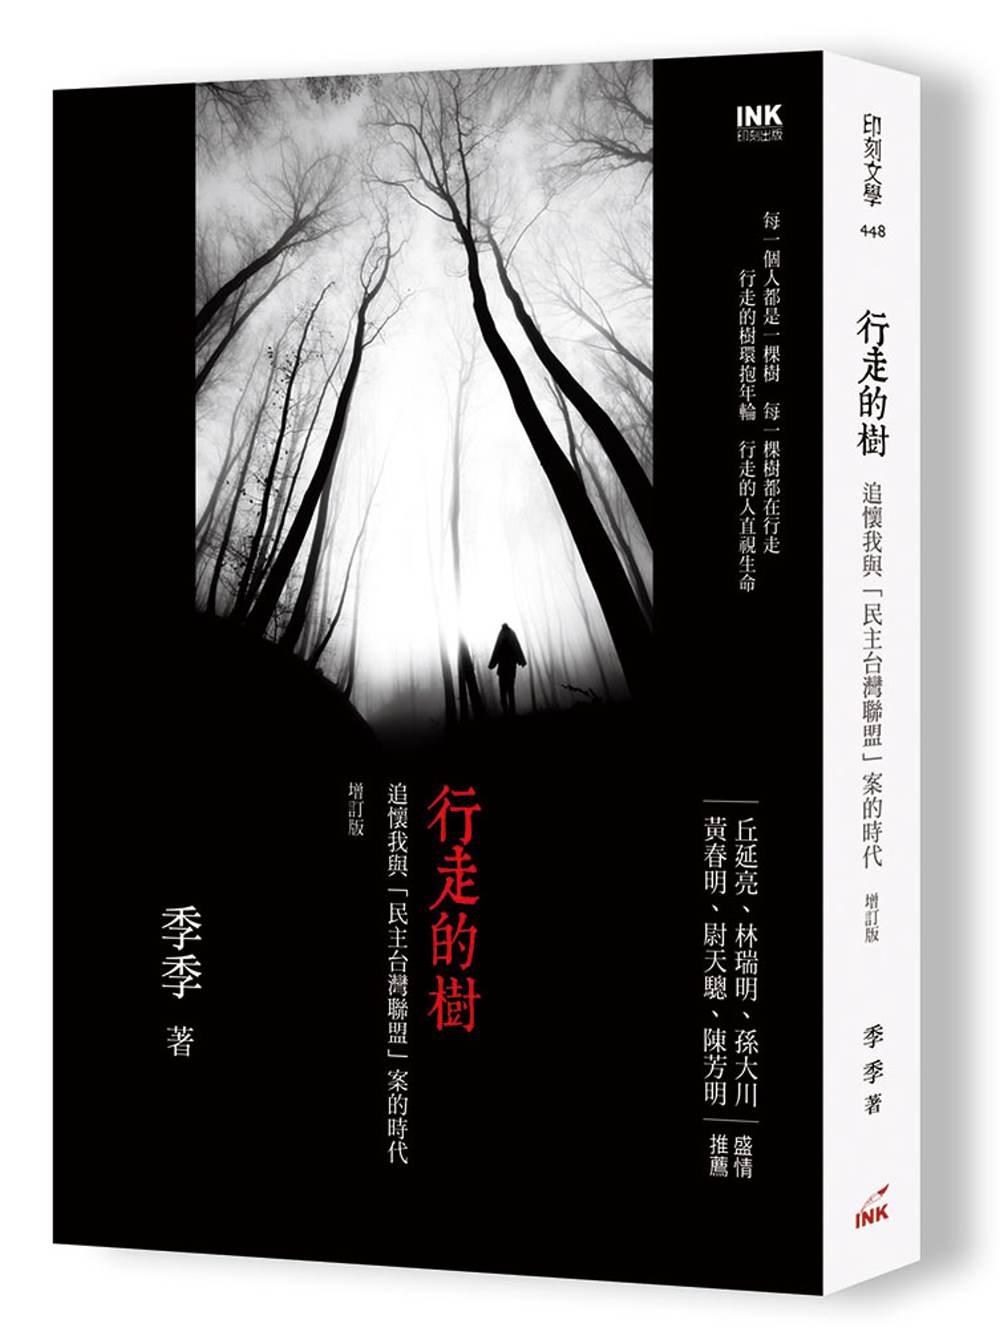 行走的樹:追懷我與「民主台灣聯盟」案的時代(增訂版)